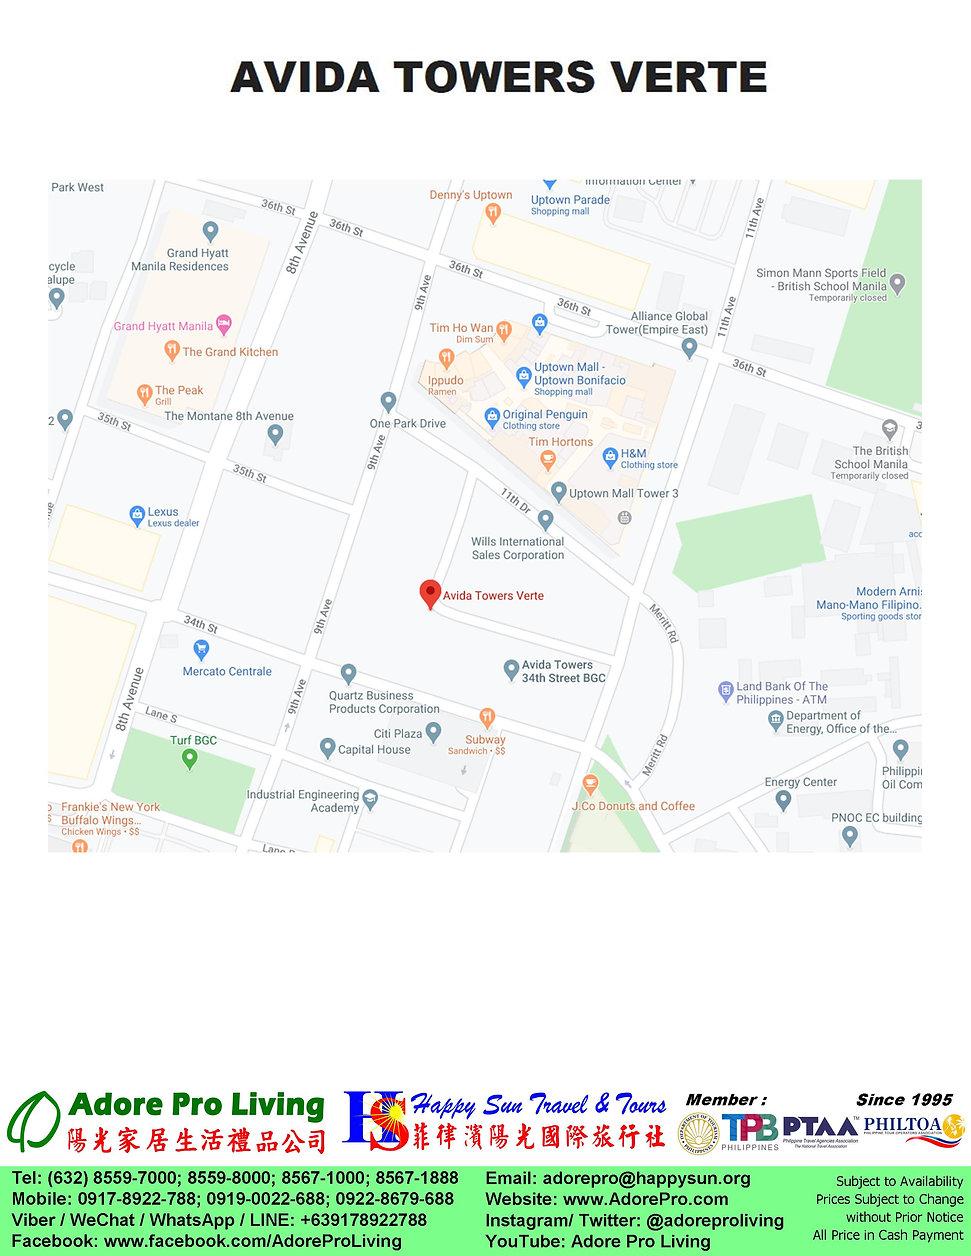 1.9.Ayala_AvidaTower-Verte_BGC_2010_2011